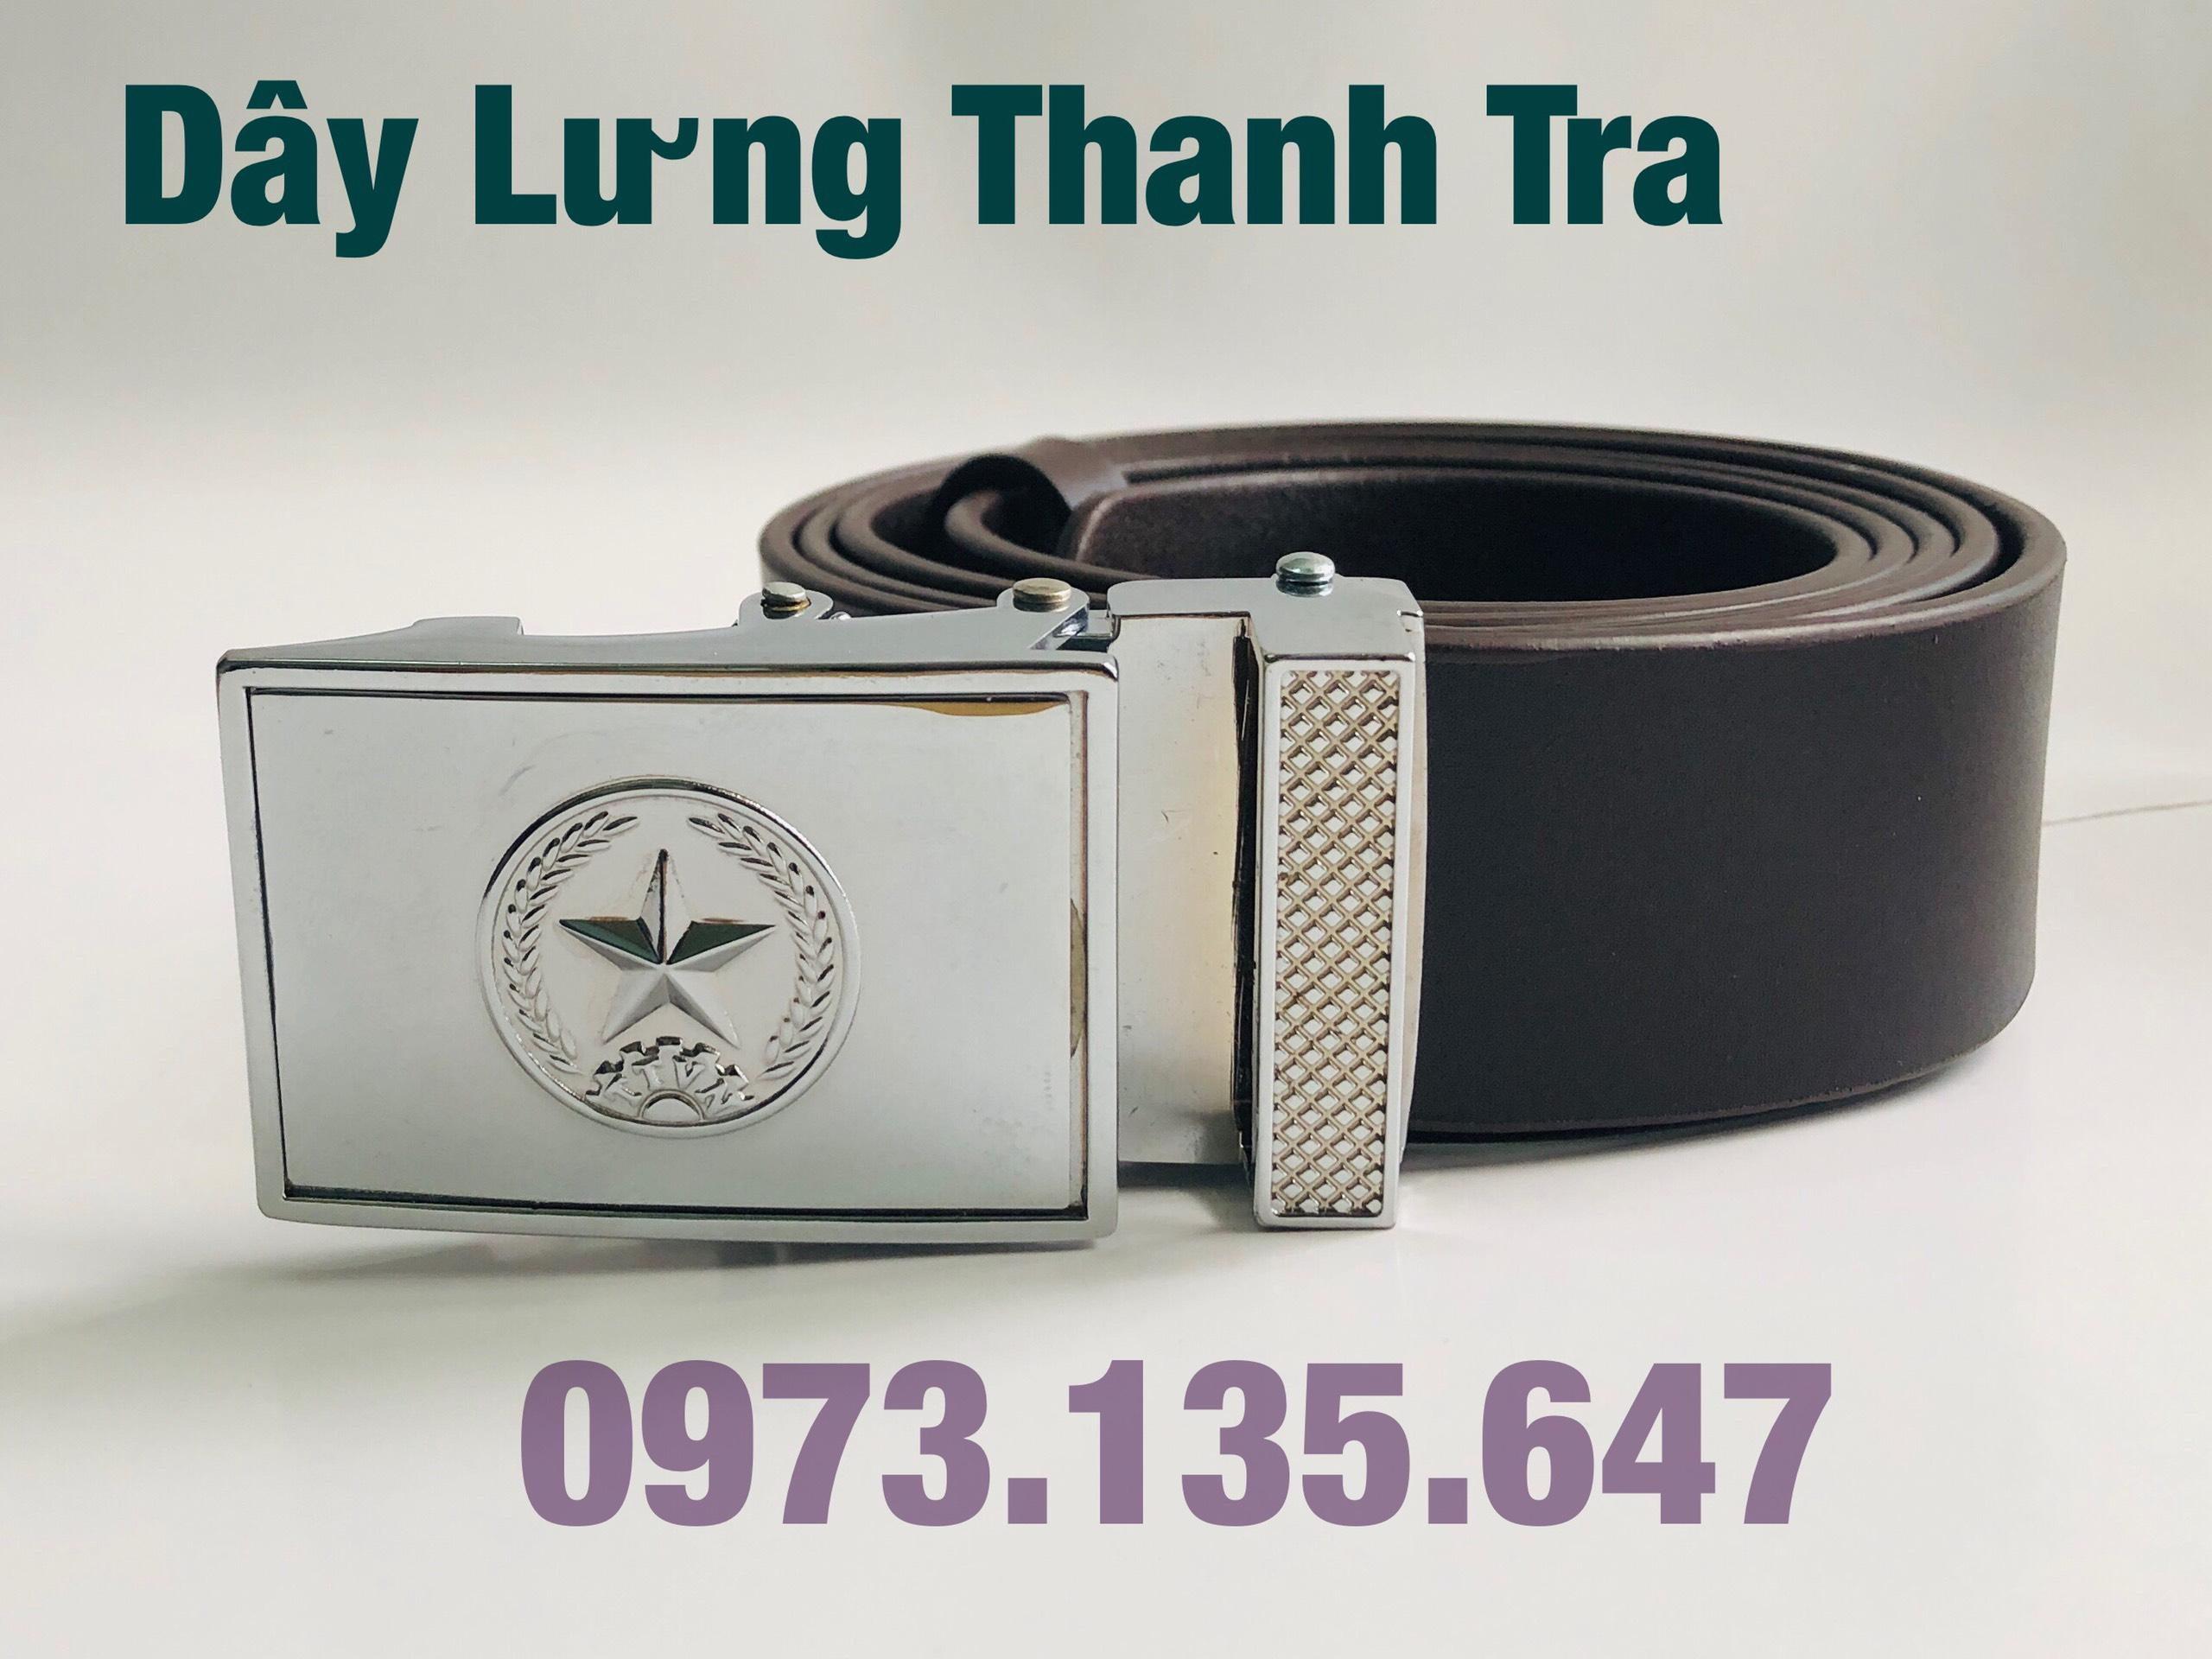 Dây Lưng Thanh Tra Việt Nam